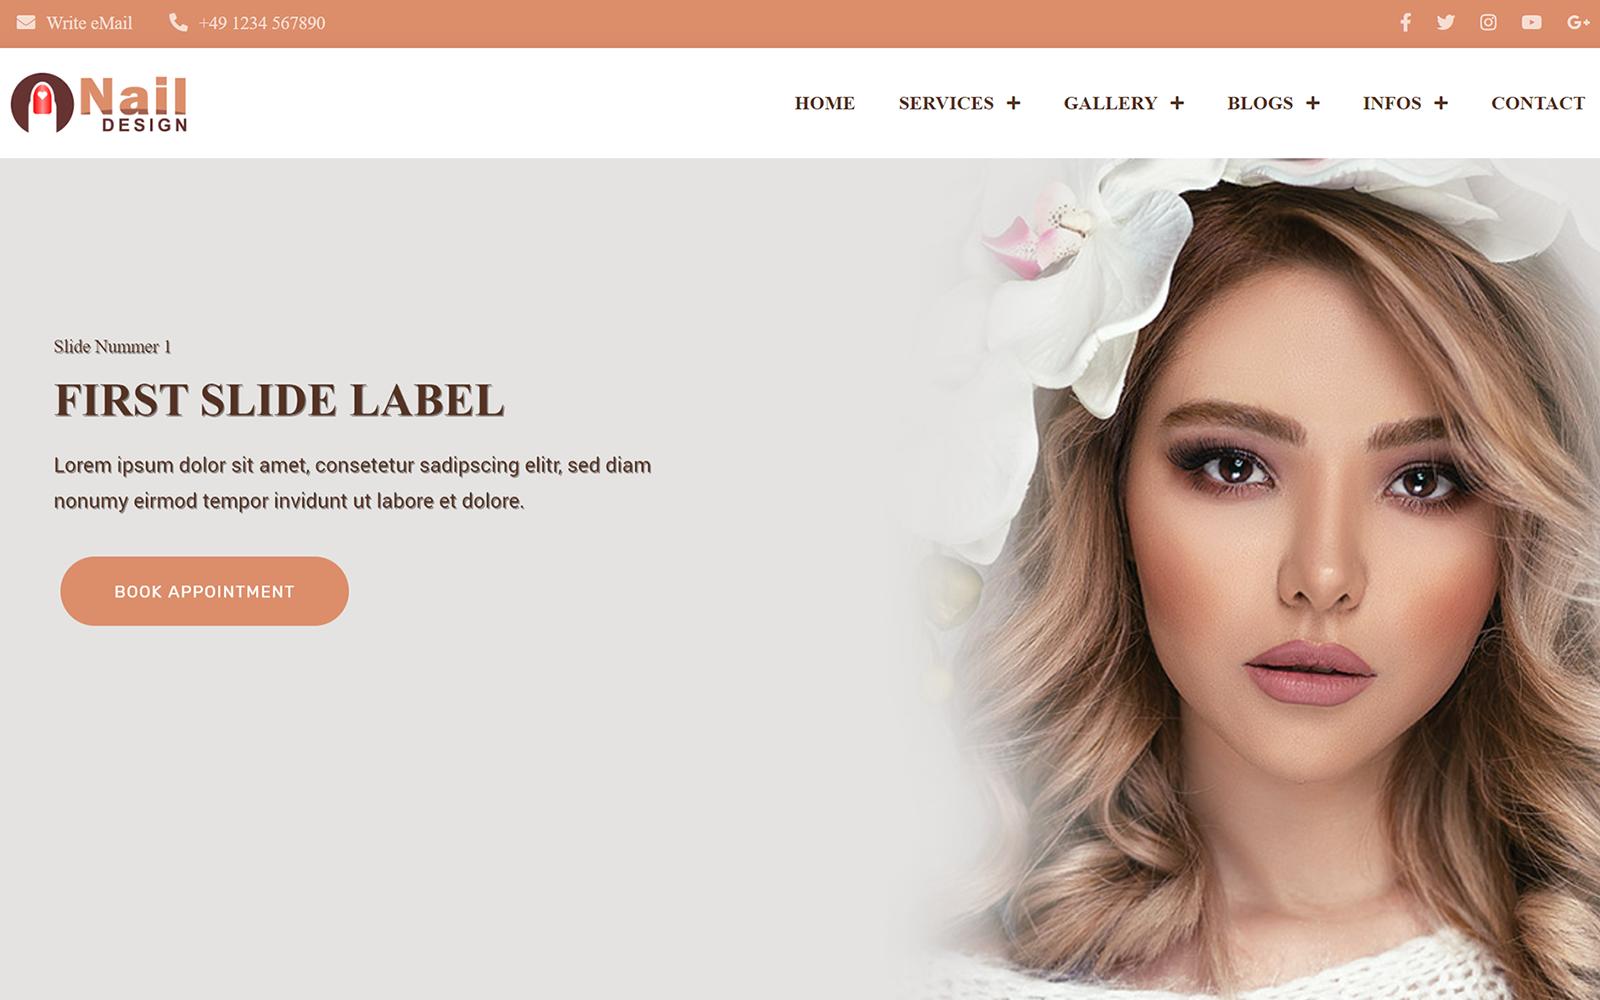 Nail Design - Bootstrap Studio Projekt - Bootstrap V5 - HTML CSS Template